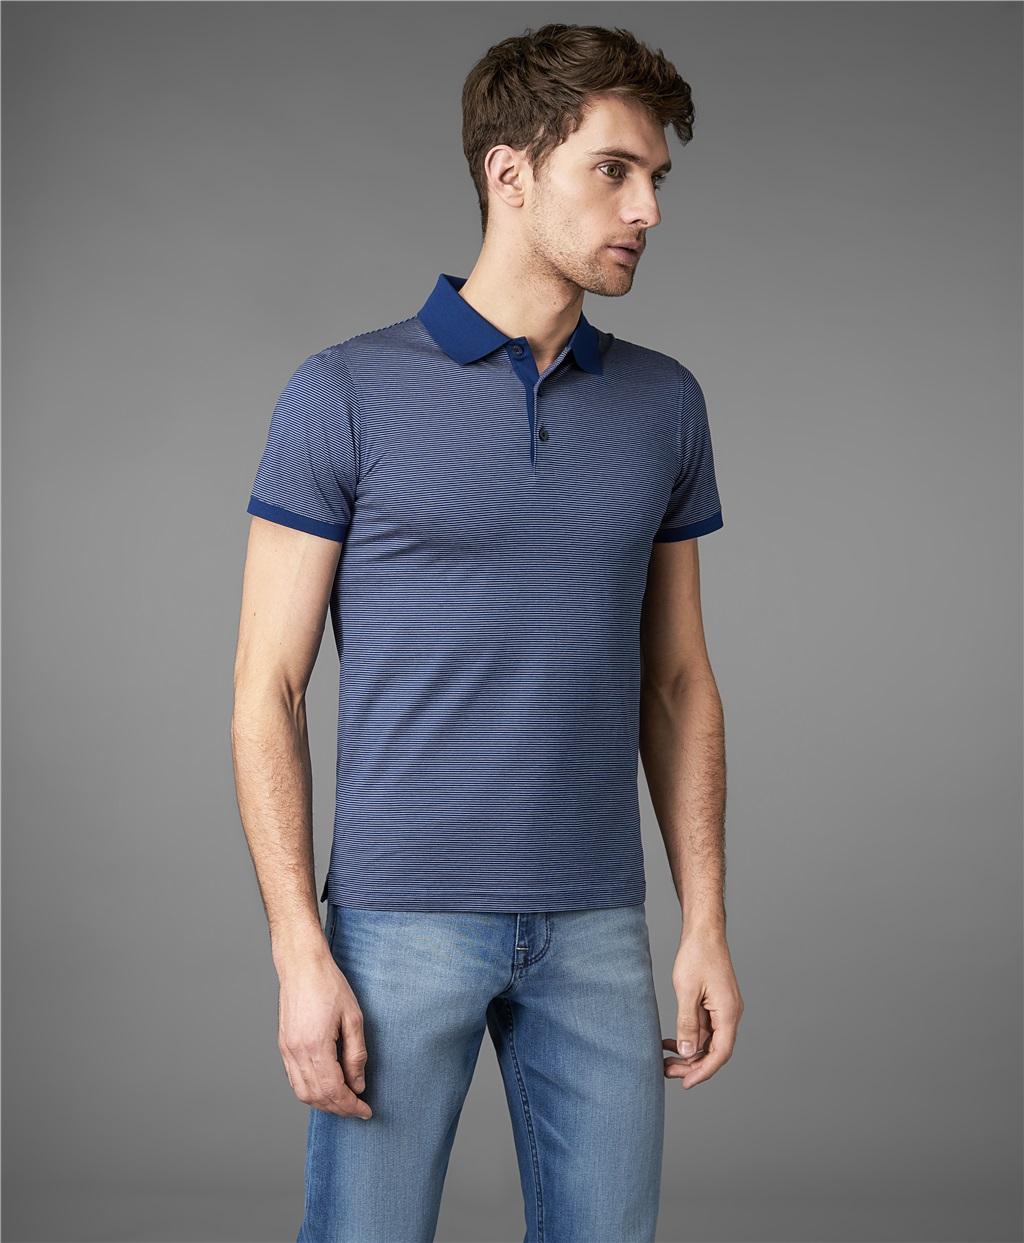 Рубашка мужская HENDERSON HPS-0274 синяя L фото